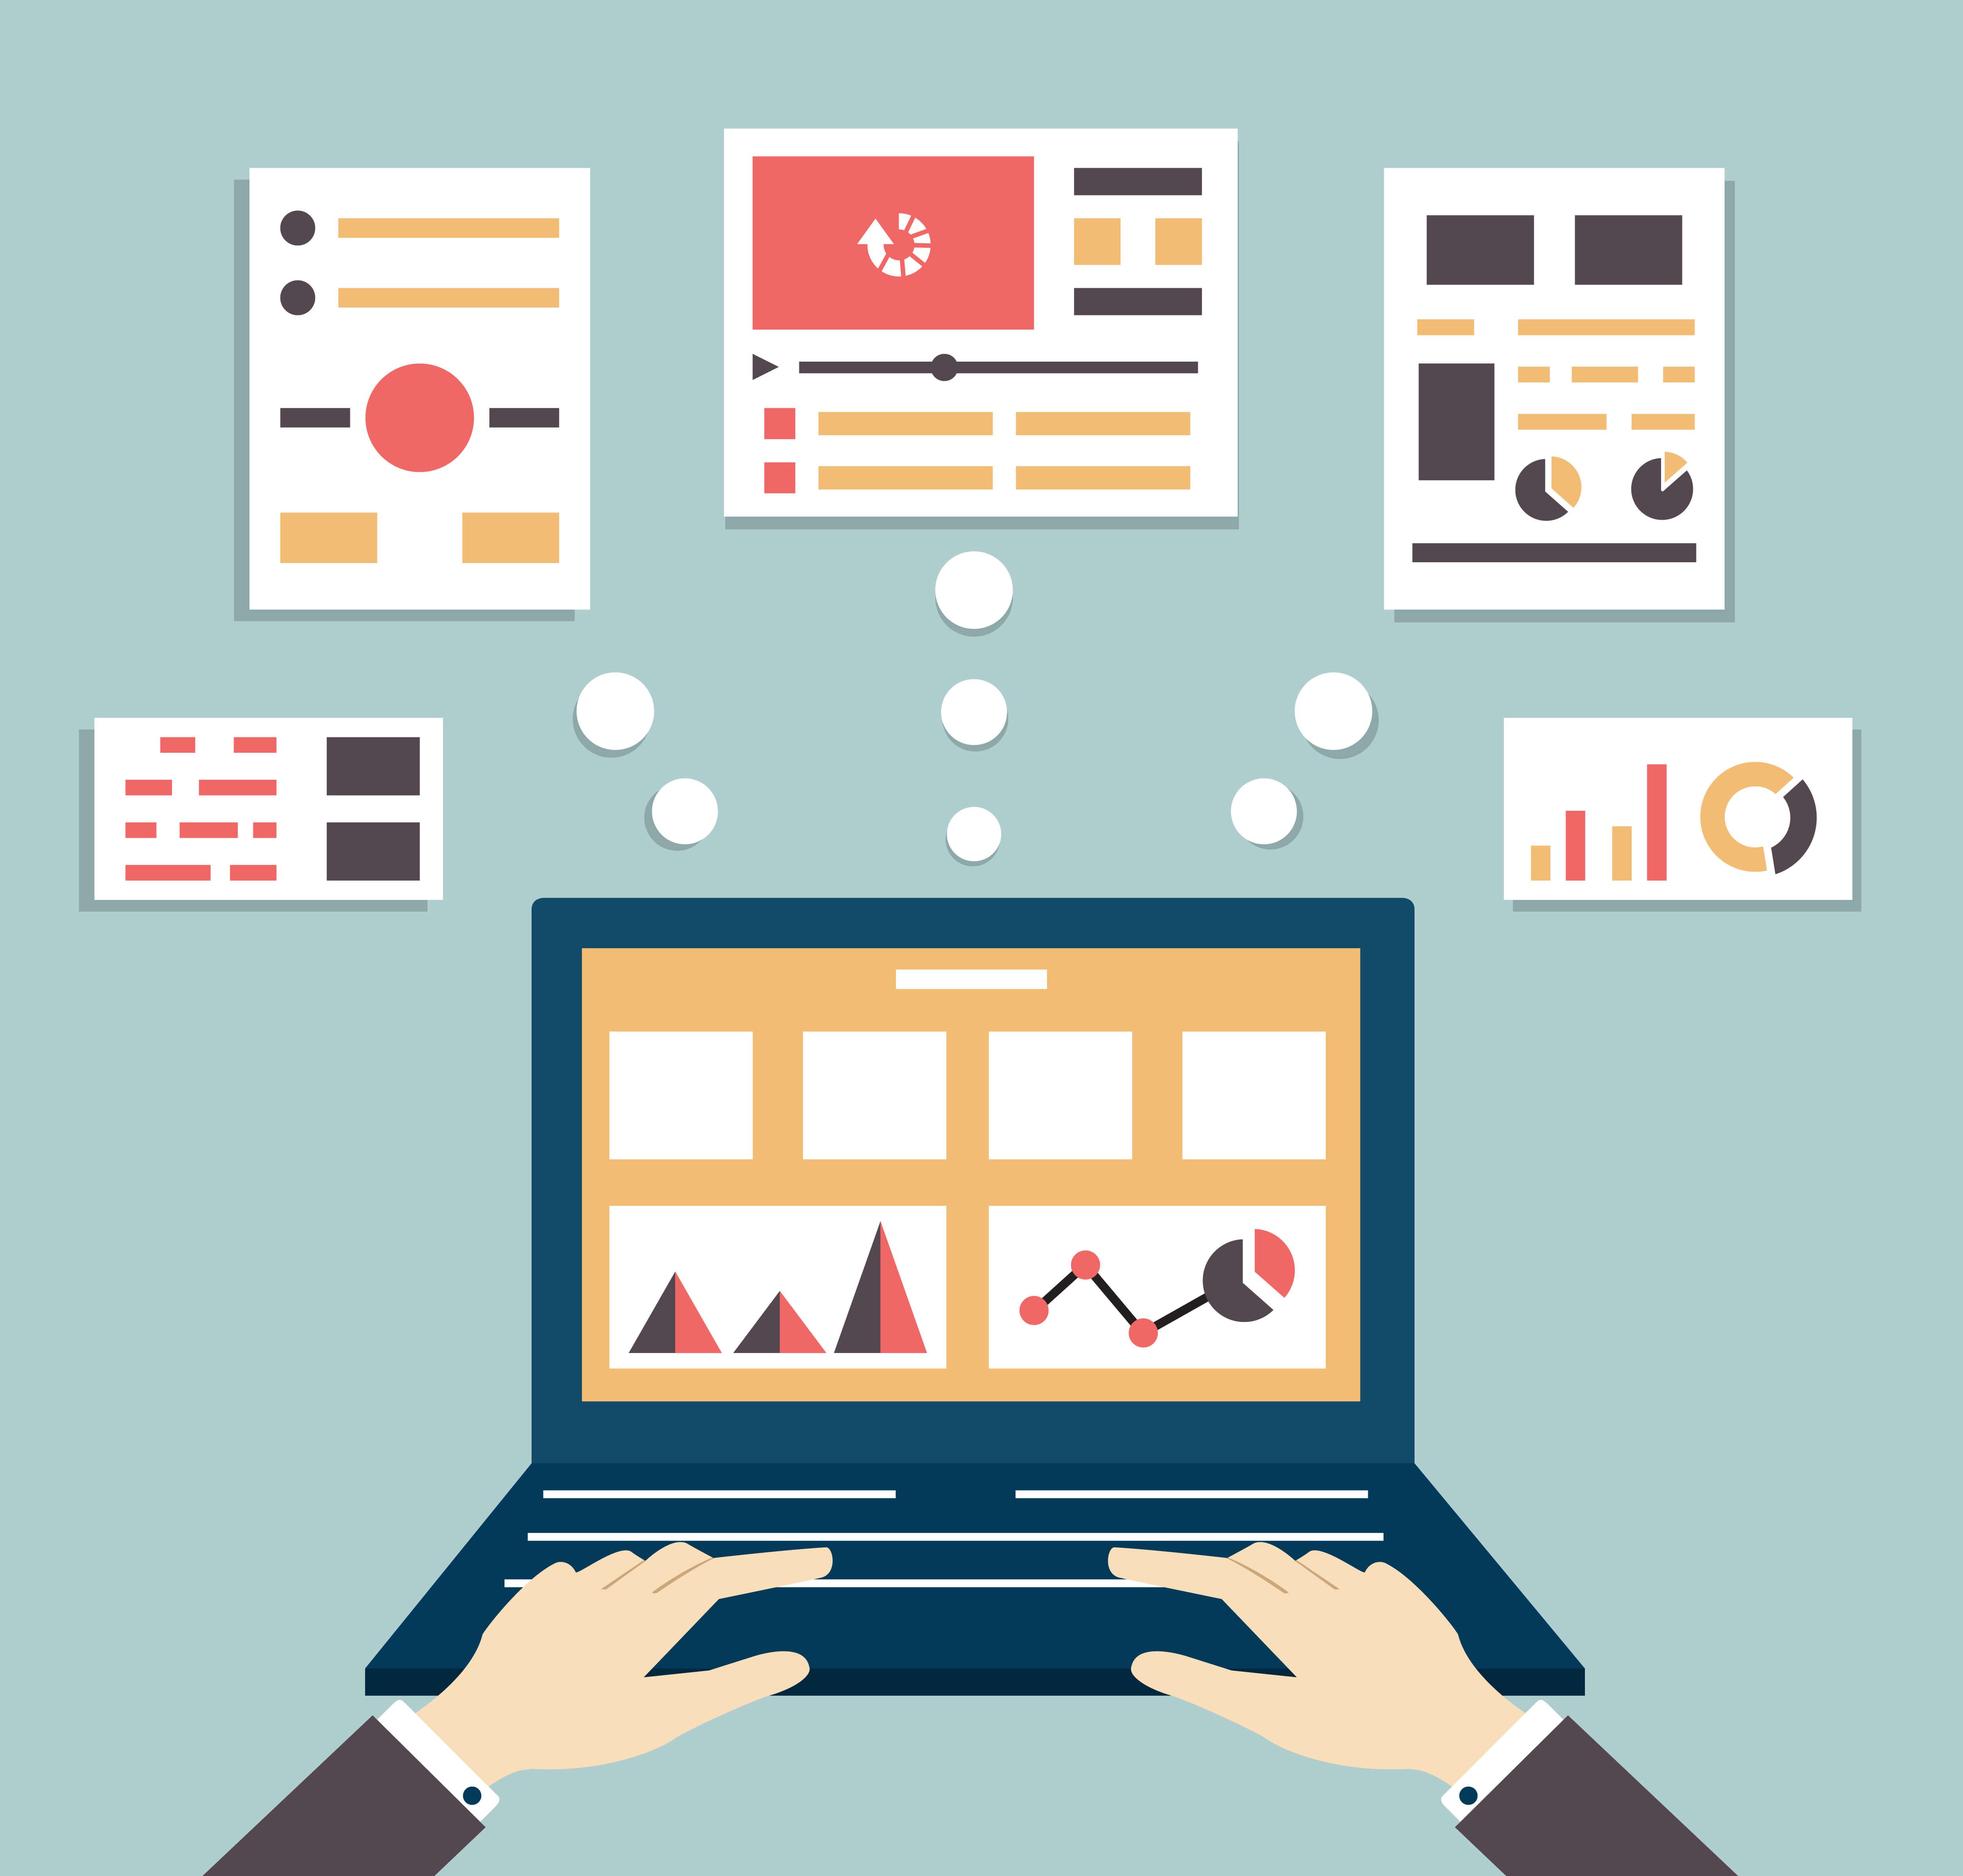 a-importancia-da-analise-de-dados-para-tomada-de-decisoes-conscientes.jpeg